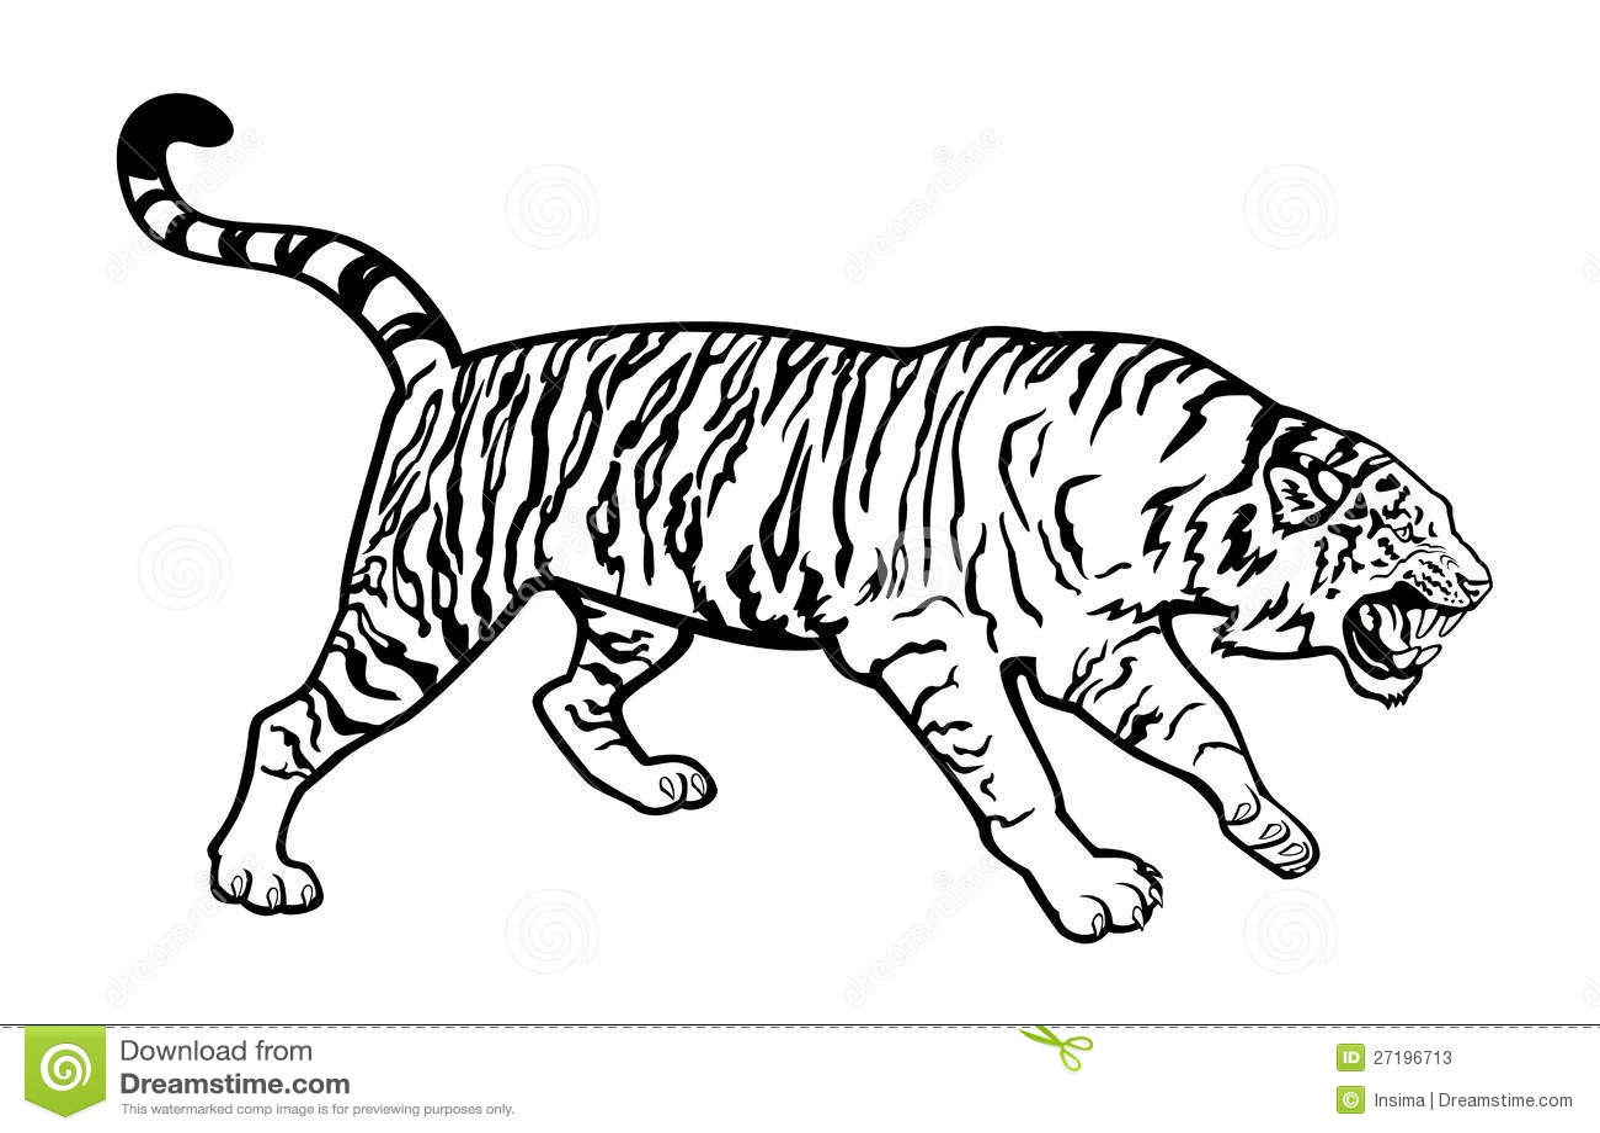 tiger schwarzweiss vektor abbildung illustration von bild 27196713. Black Bedroom Furniture Sets. Home Design Ideas